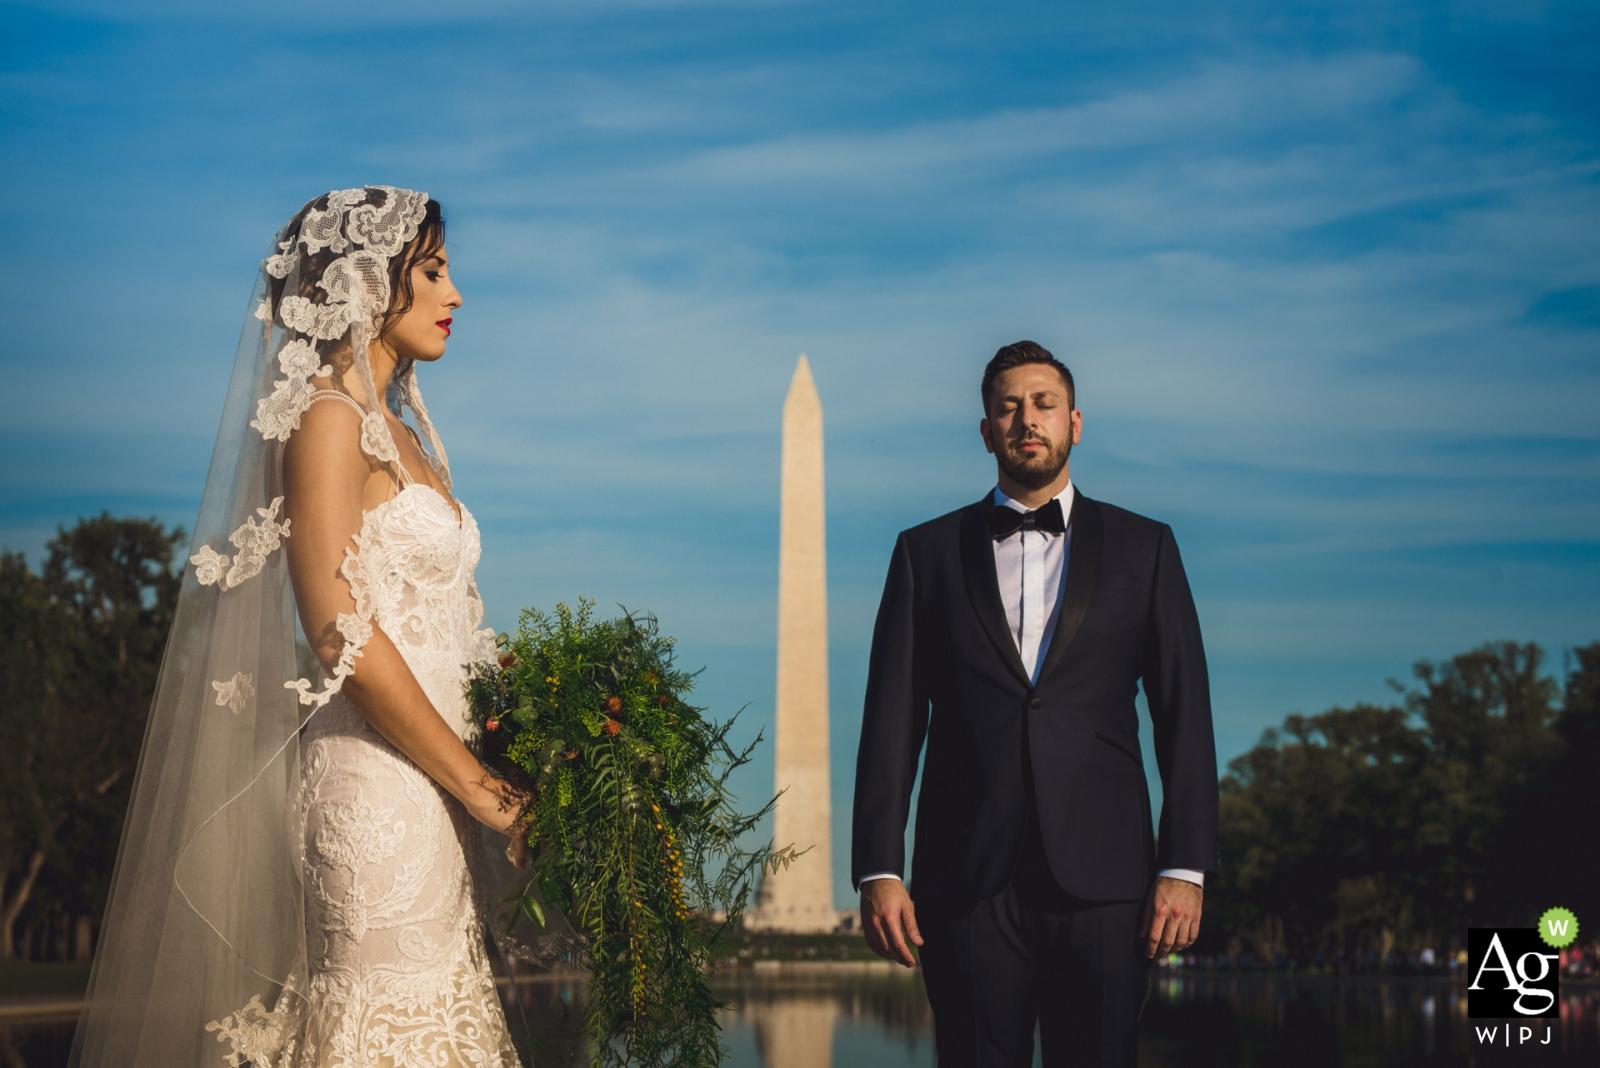 Mantas Kubilinskas jest artystycznym fotografem ślubnym w Dystrykcie Kolumbii